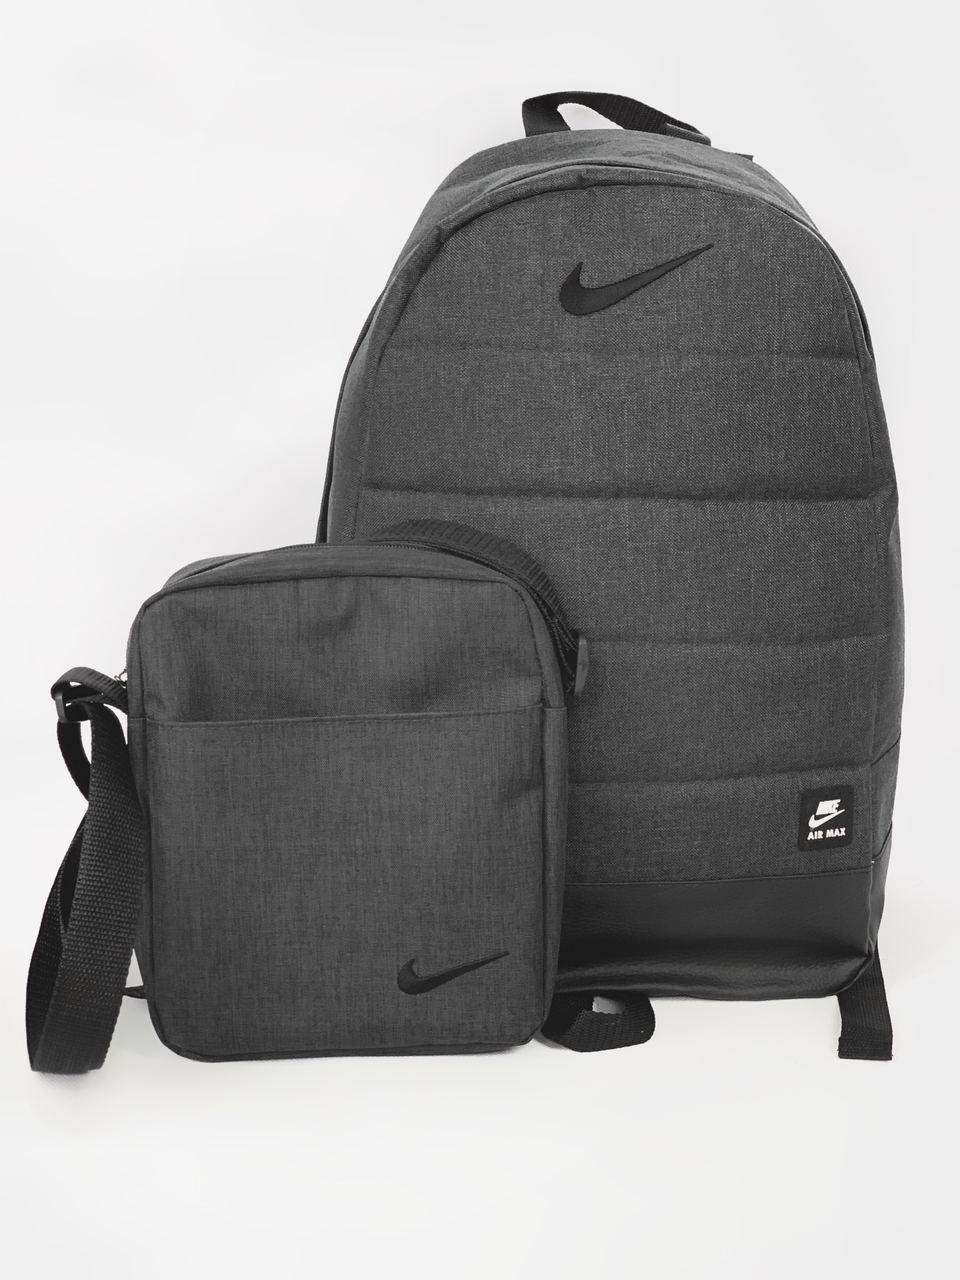 Рюкзак + Барсетка городской Мужской | Женский | Детский, для ноутбука Nike (Найк) спортивный комплект